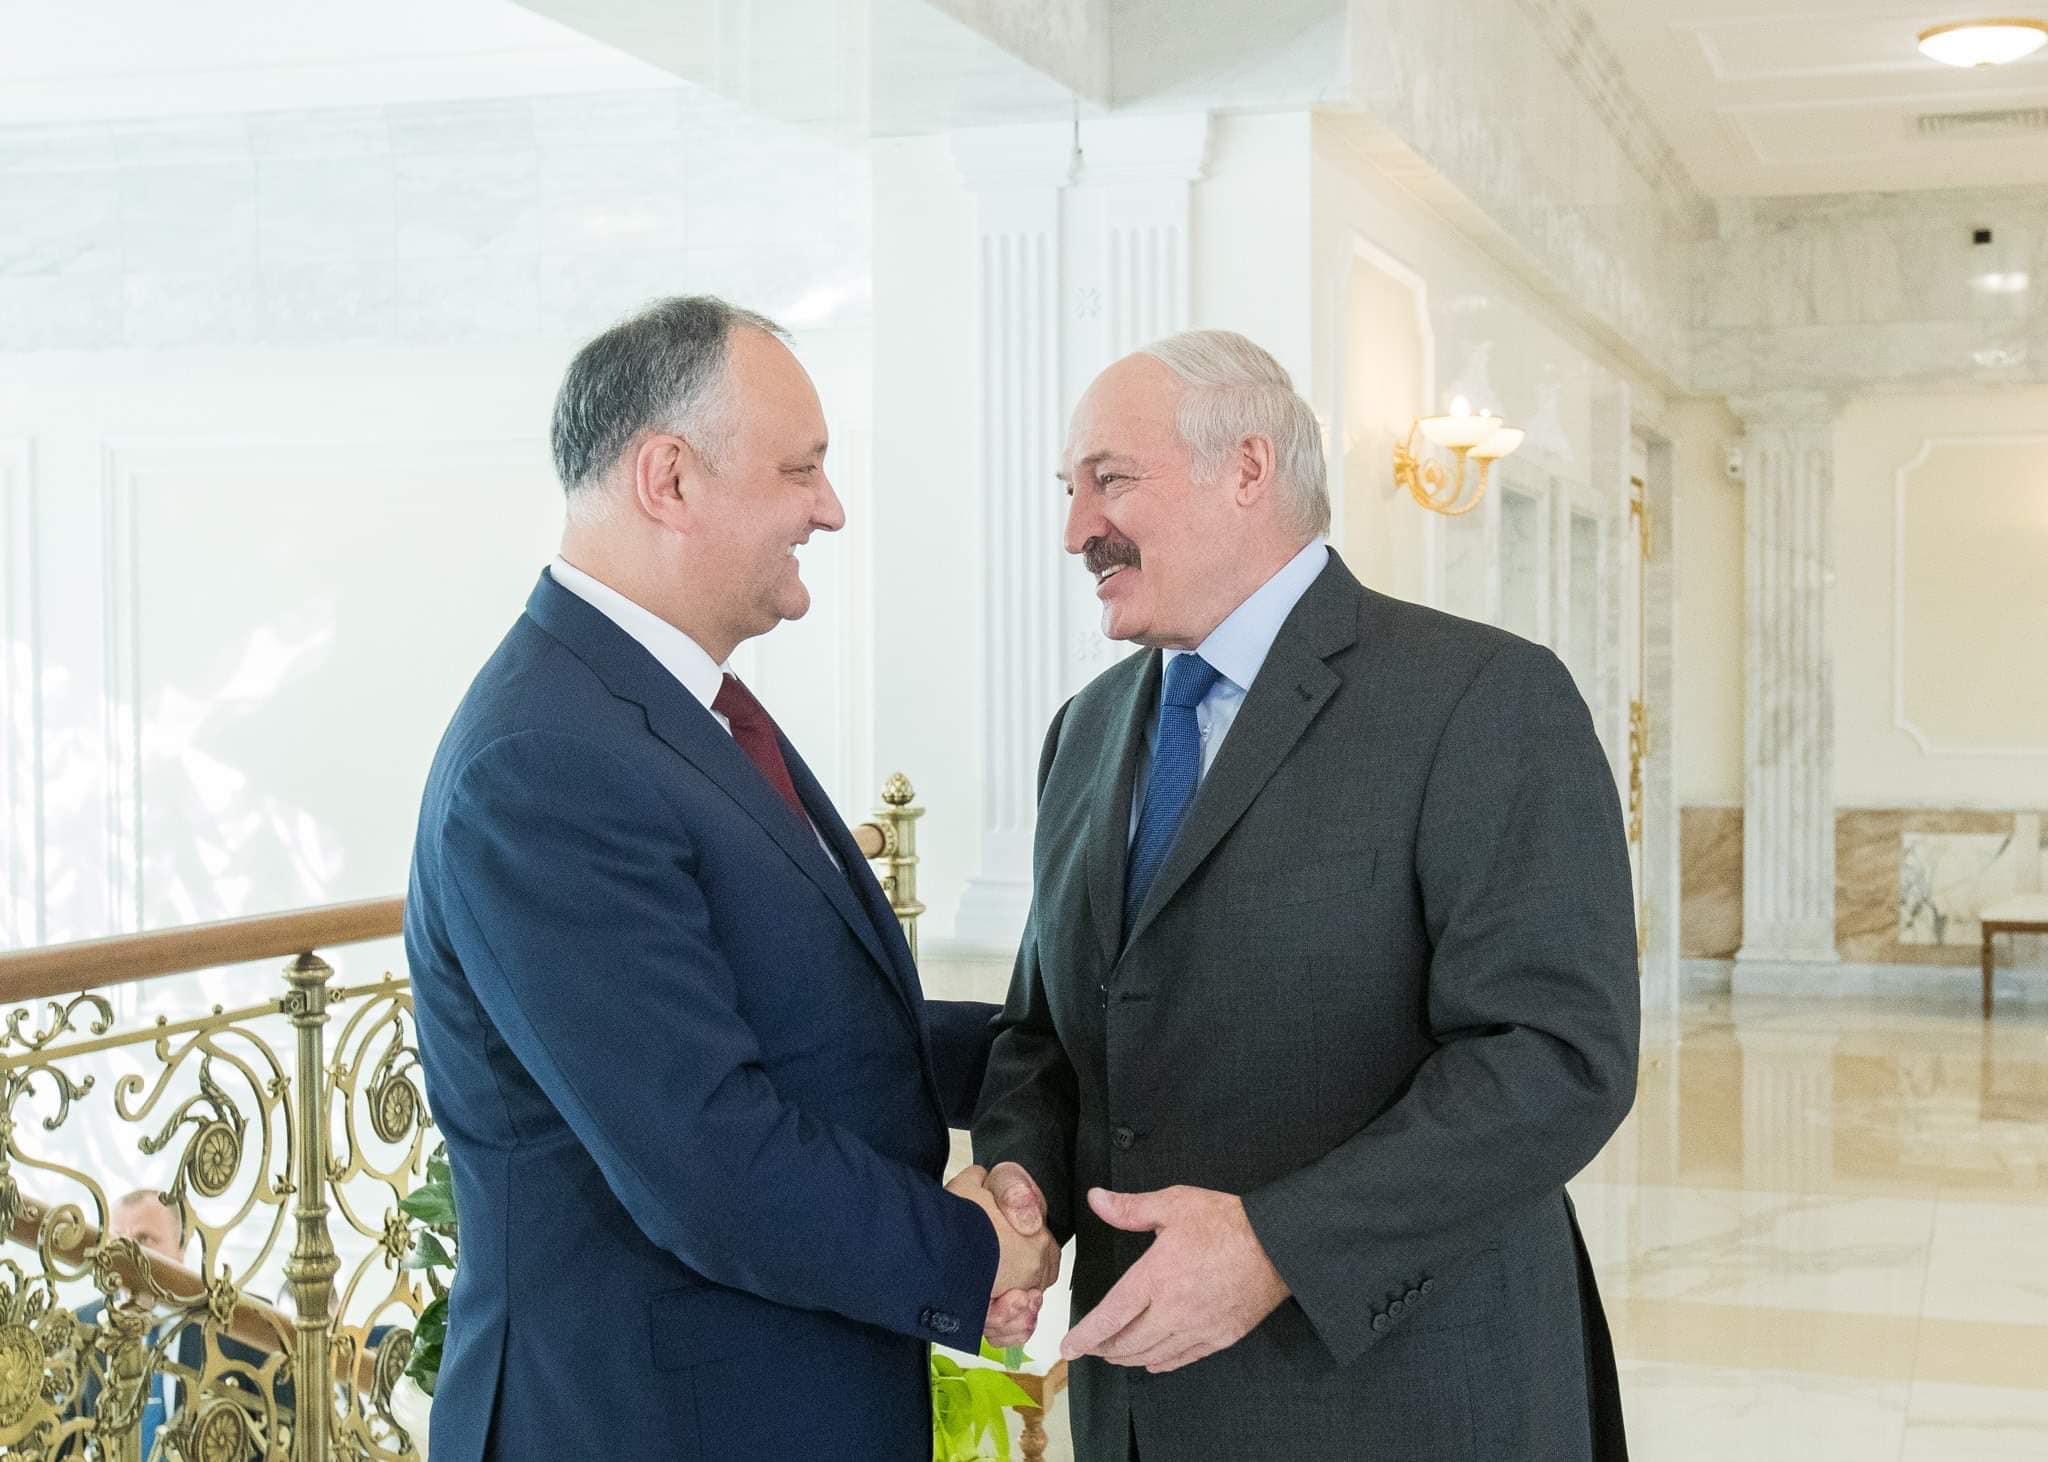 Лукашенко поздравил Додона и весь молдавский народ с наступающим Днем Победы (ФОТО)